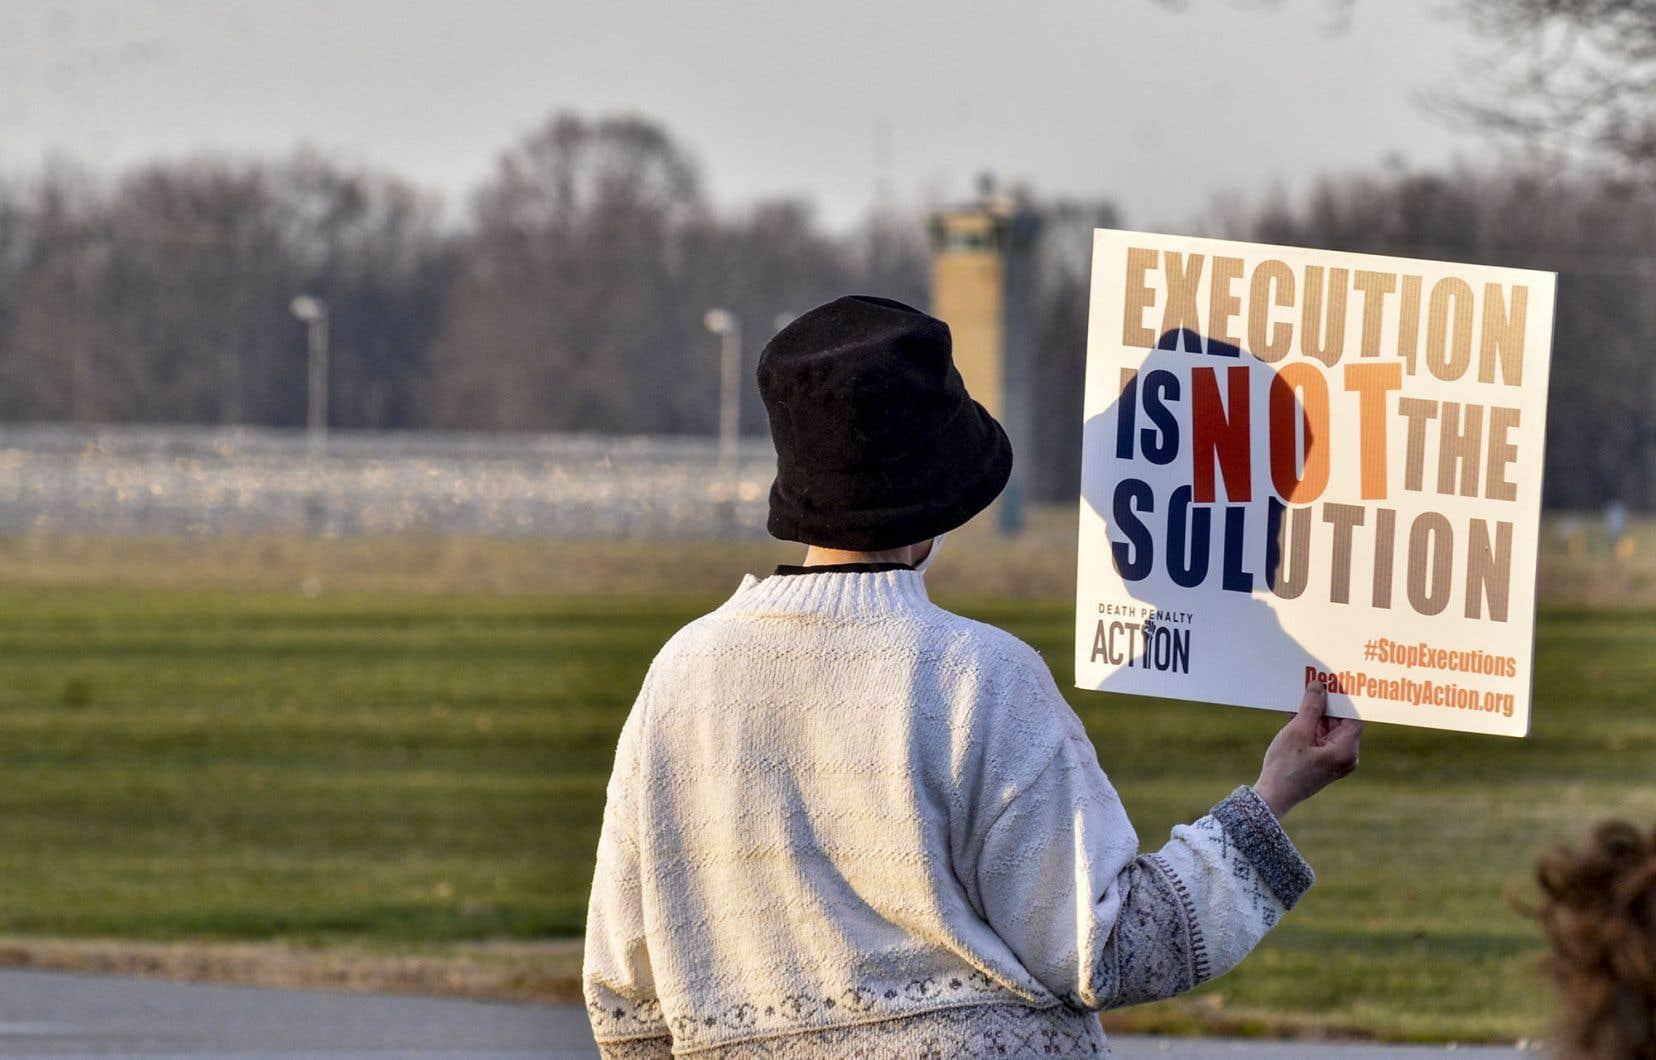 Depuis le début du siècle, l'appui à la peine de mort est en baisse au sein de la  population américaine. Sur la photo, une manifestante lors d'un rassemblement  contre la peine capitale, jeudi, devant la Federal Execution Chamber deTerre Haute, dans l'Indiana, où devrait avoir lieu l'exécution deBrandon Bernard.